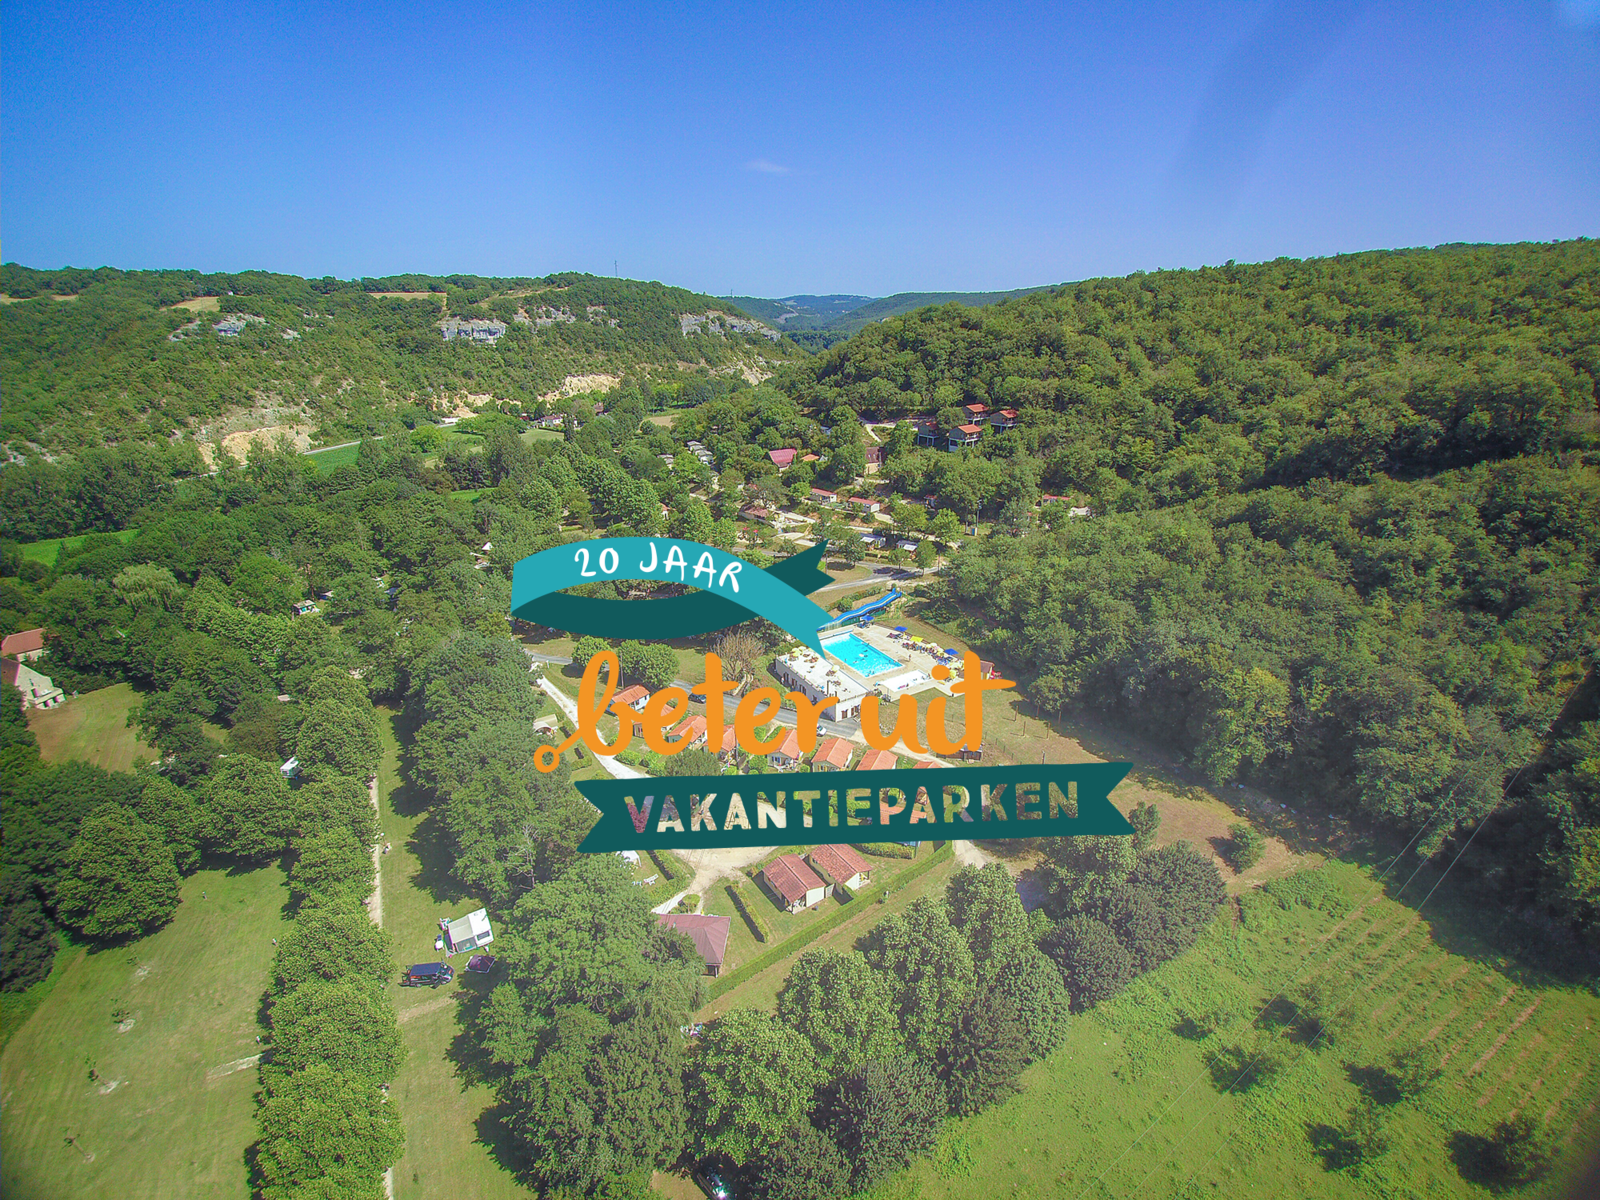 20 jaar vakantieparken